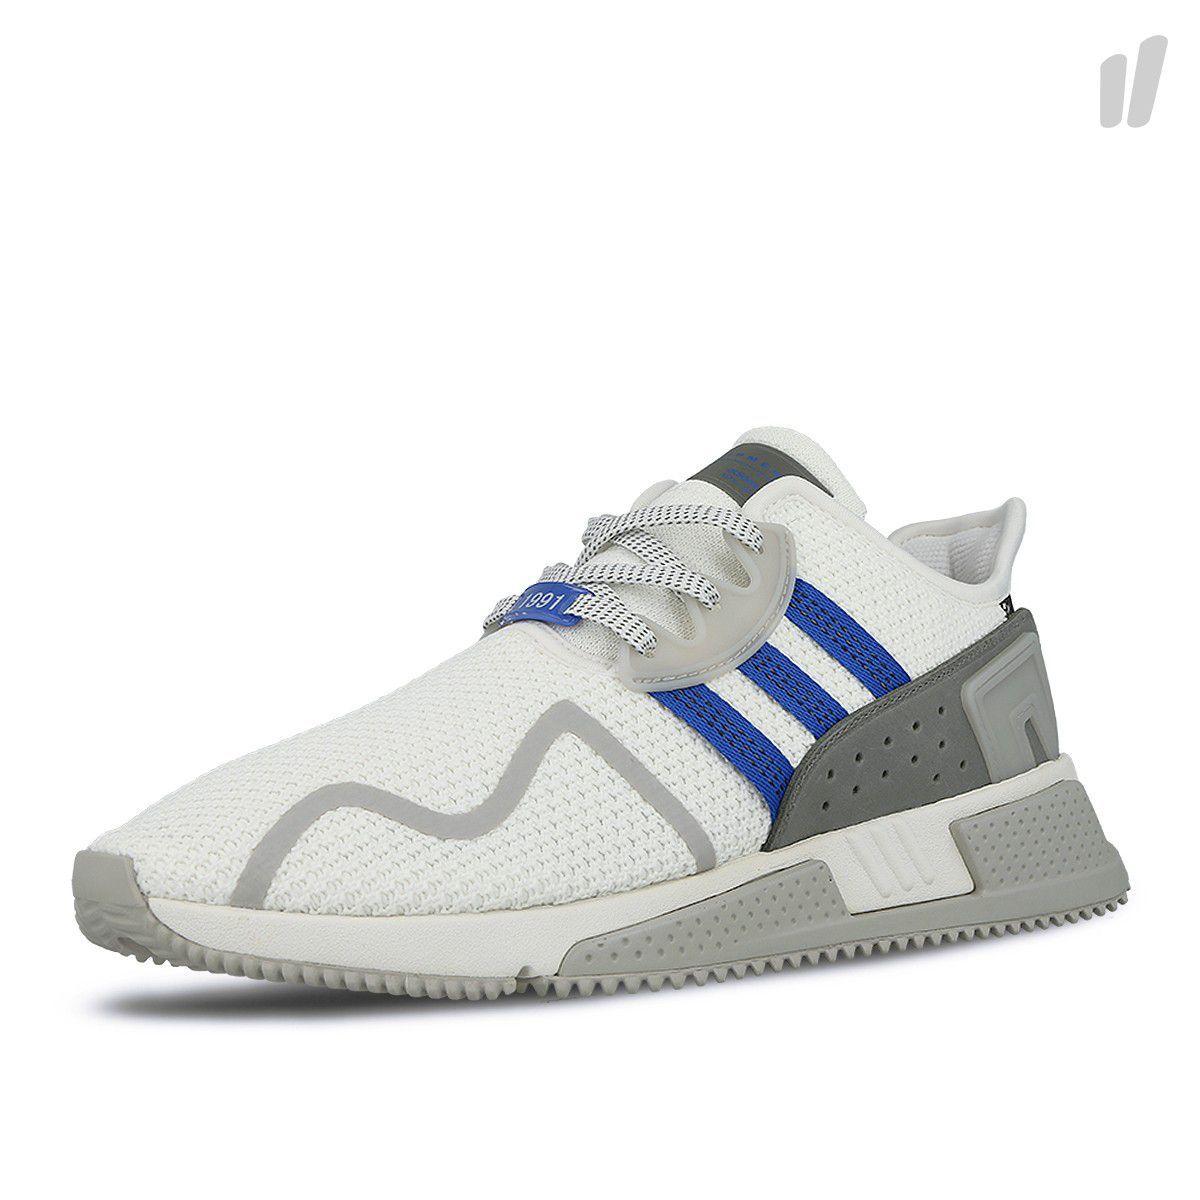 nowy przyjazd całkiem fajne różne style Adidas Eqt Cushion Adv White Running Shoes